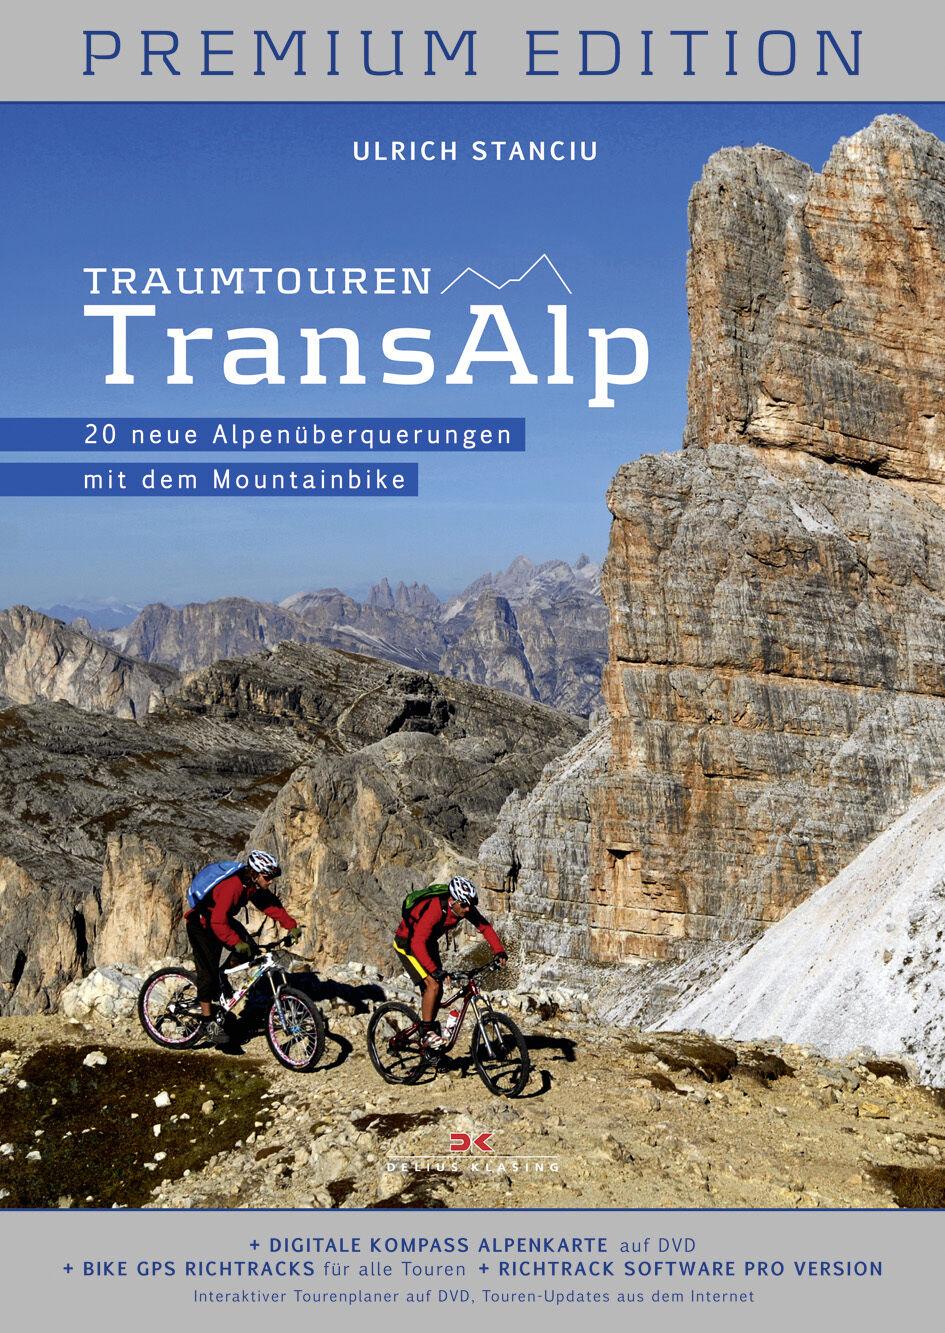 Traumtouren Transalp Alpenüberquerungen mit dem Mountainbike Premium Edition